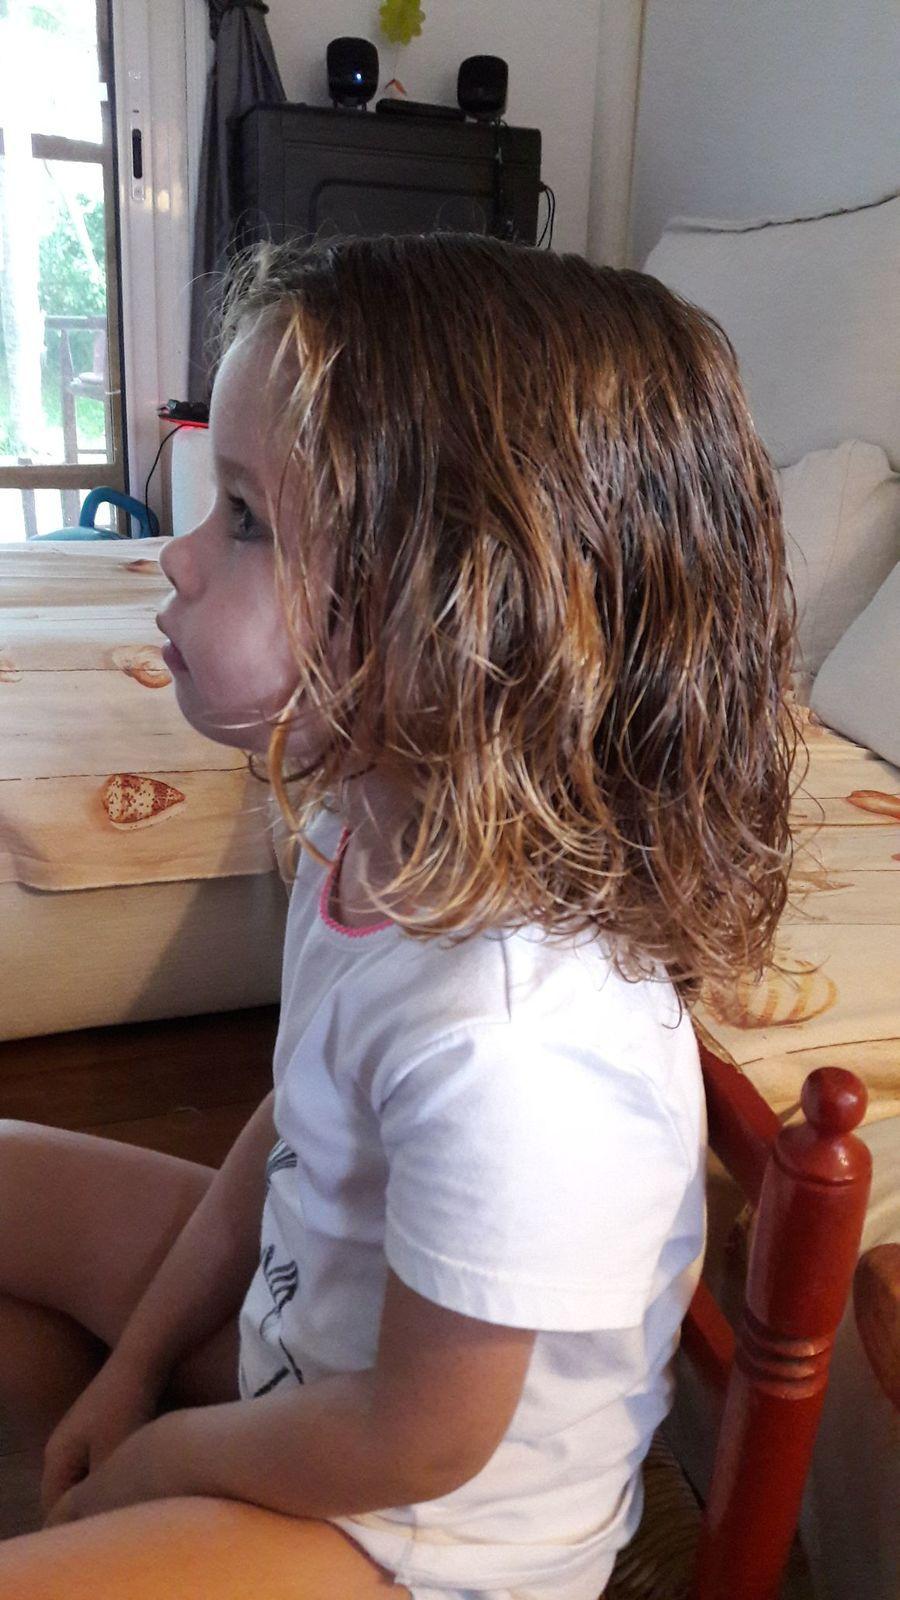 Les longs cheveux de Madonie puis sa coupe